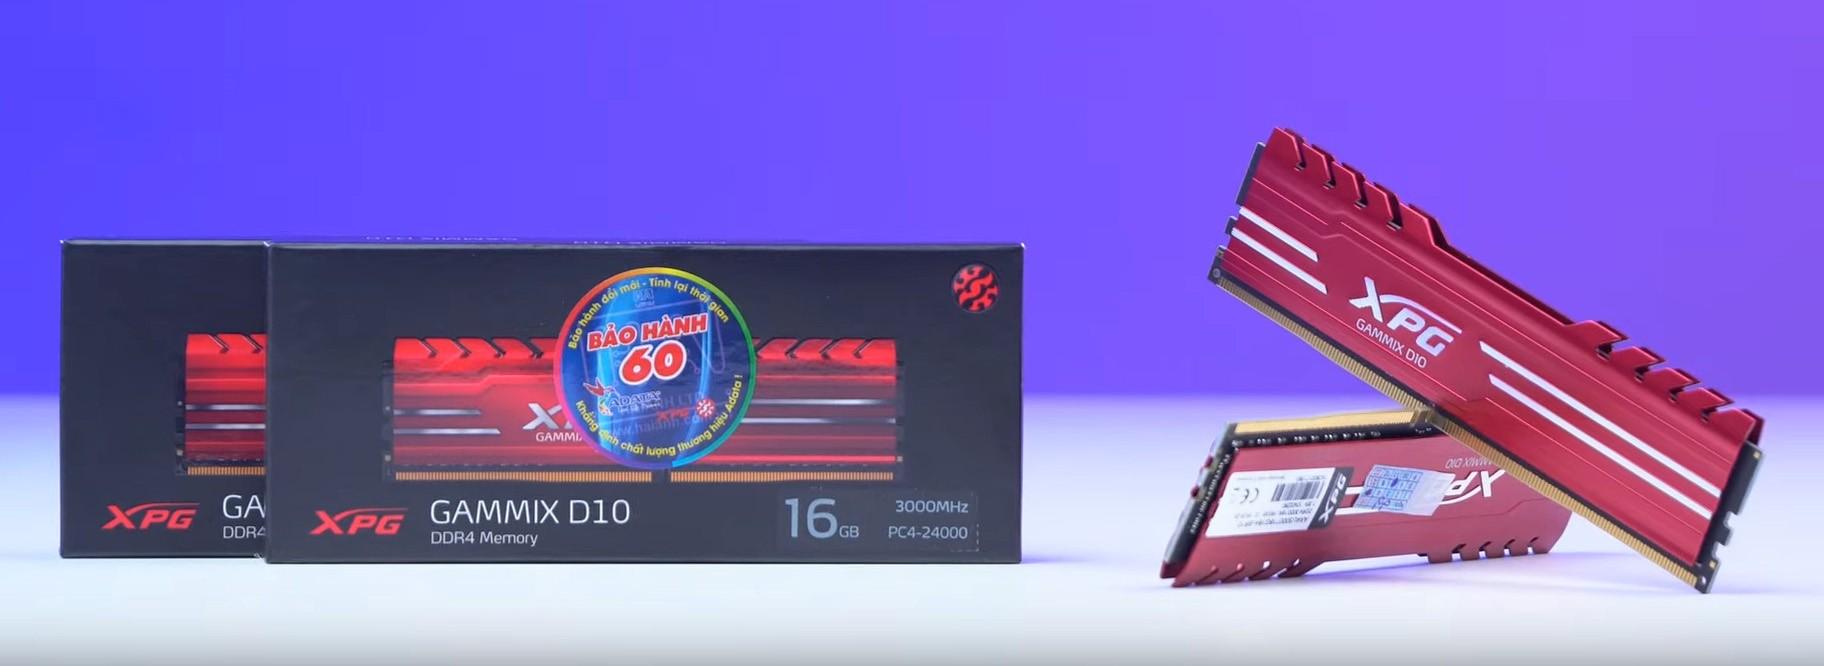 ADATA XPG GAMMIX D10 DDR4 16GB (1x16GB) bus 3000MHz